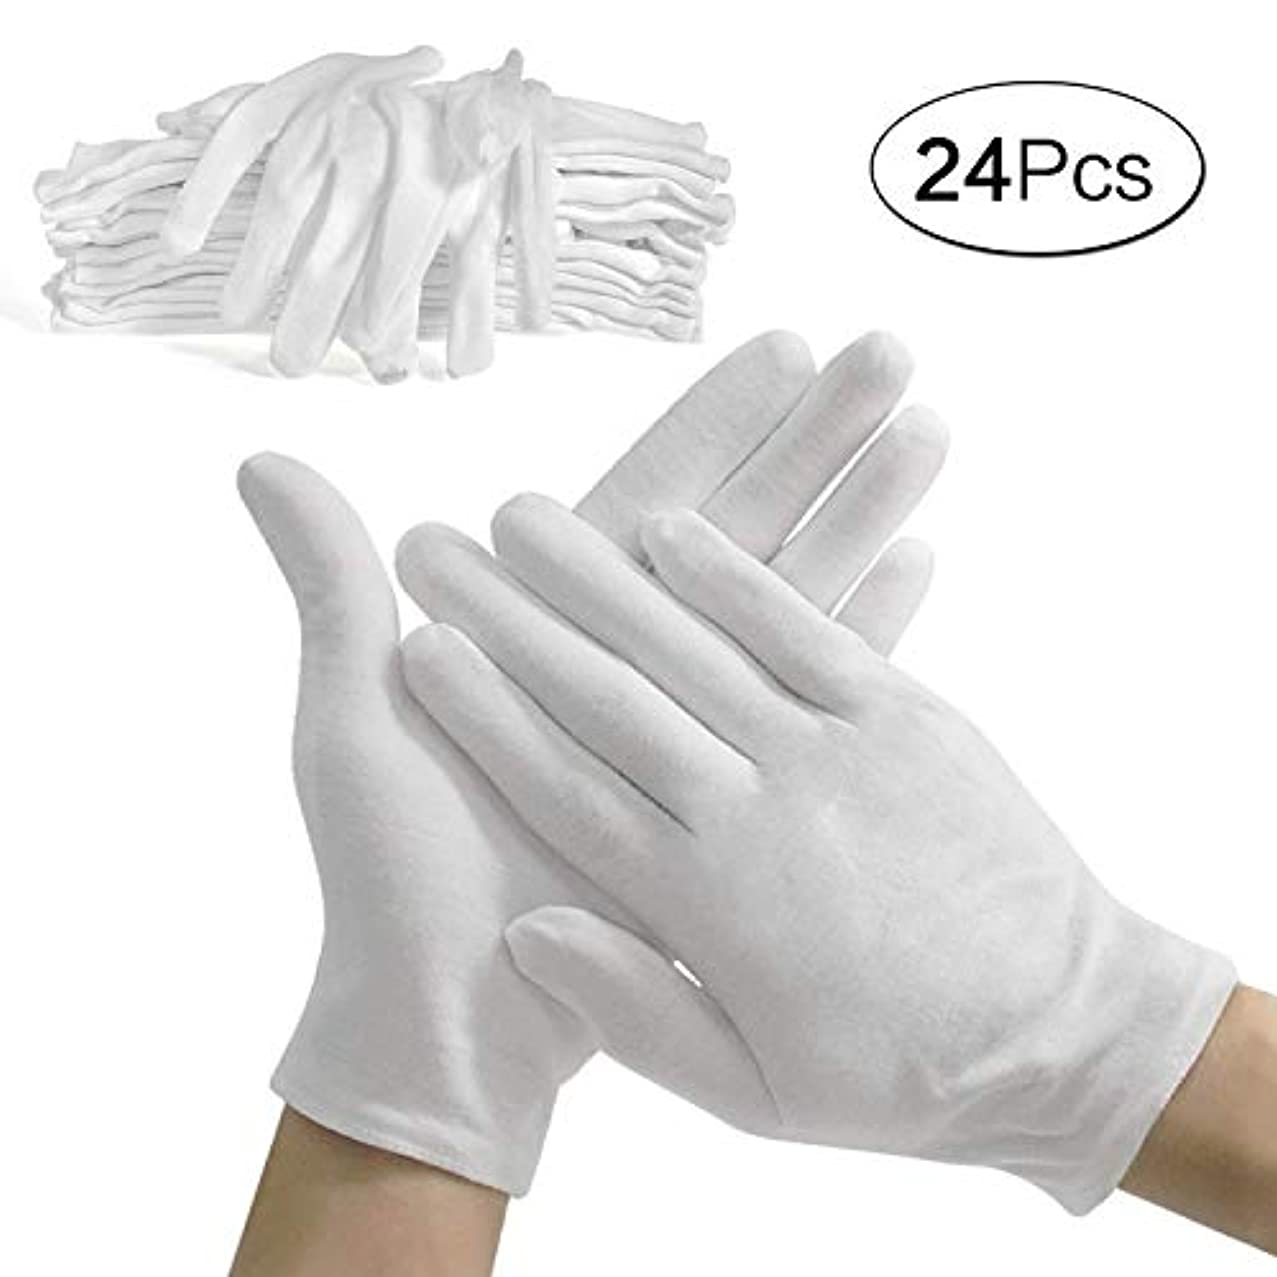 ミュージカルために最も遠いコットン手袋 綿手袋 手荒れ 純綿100% 使い捨て 白手袋 薄手 手袋 レディース 12双組 白 M